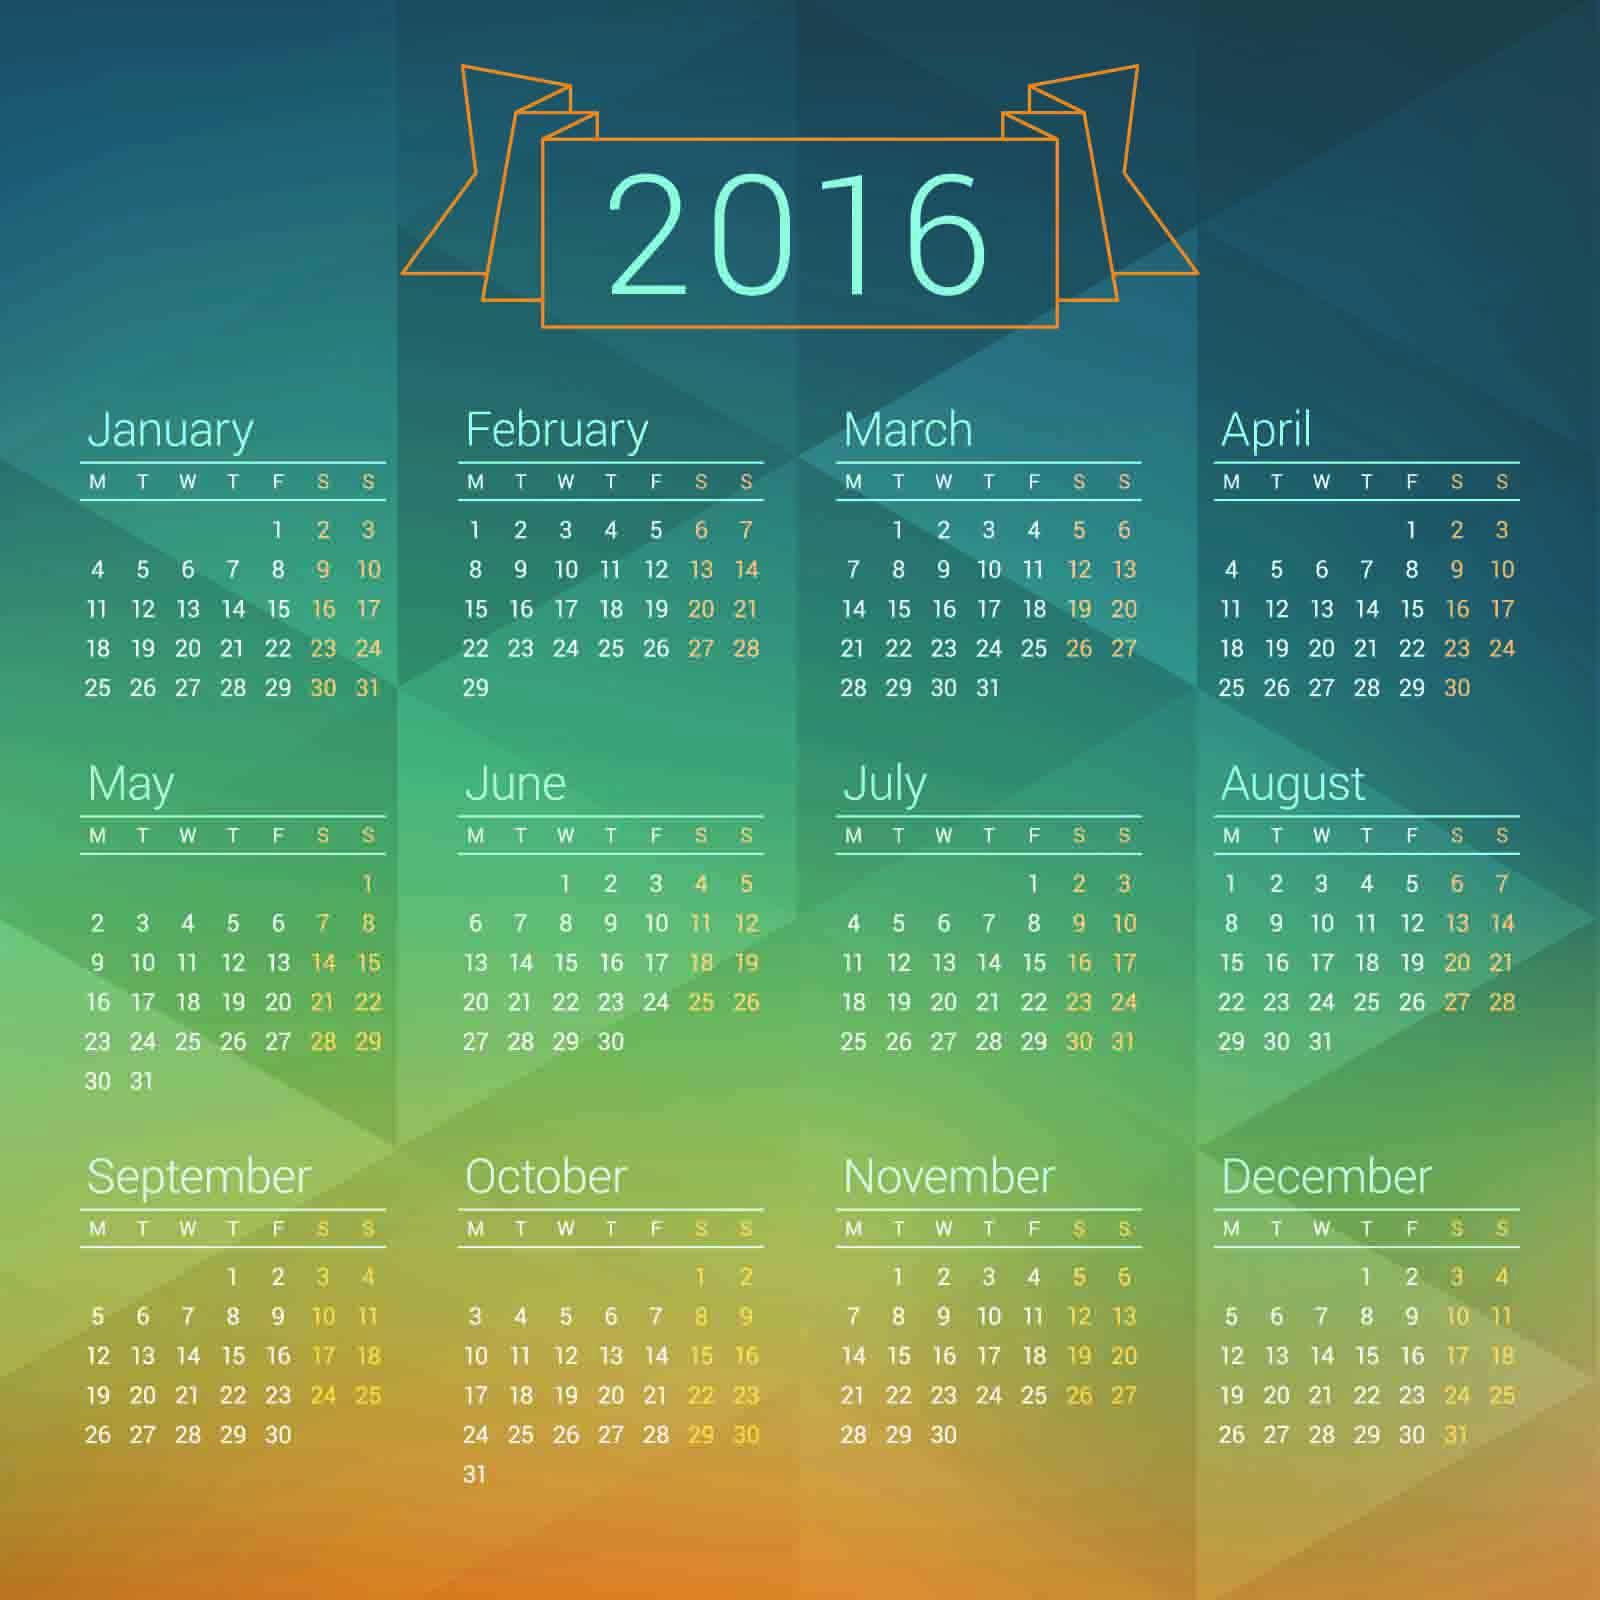 2015 2016 Calendar : 2015 カレンダー フリー : カレンダー